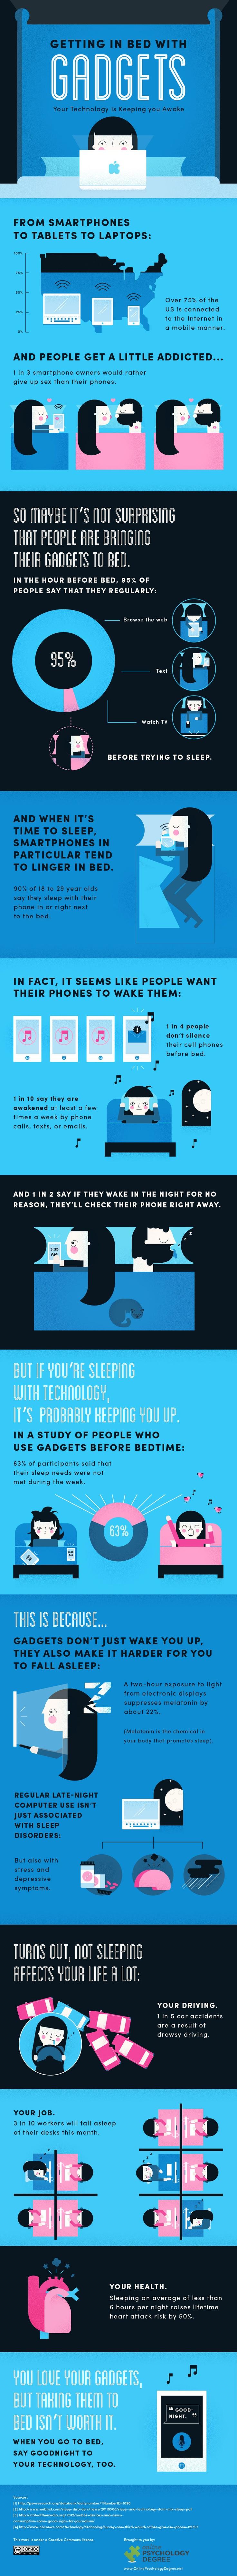 Un nuovo compagno di letto:lo Smartphone